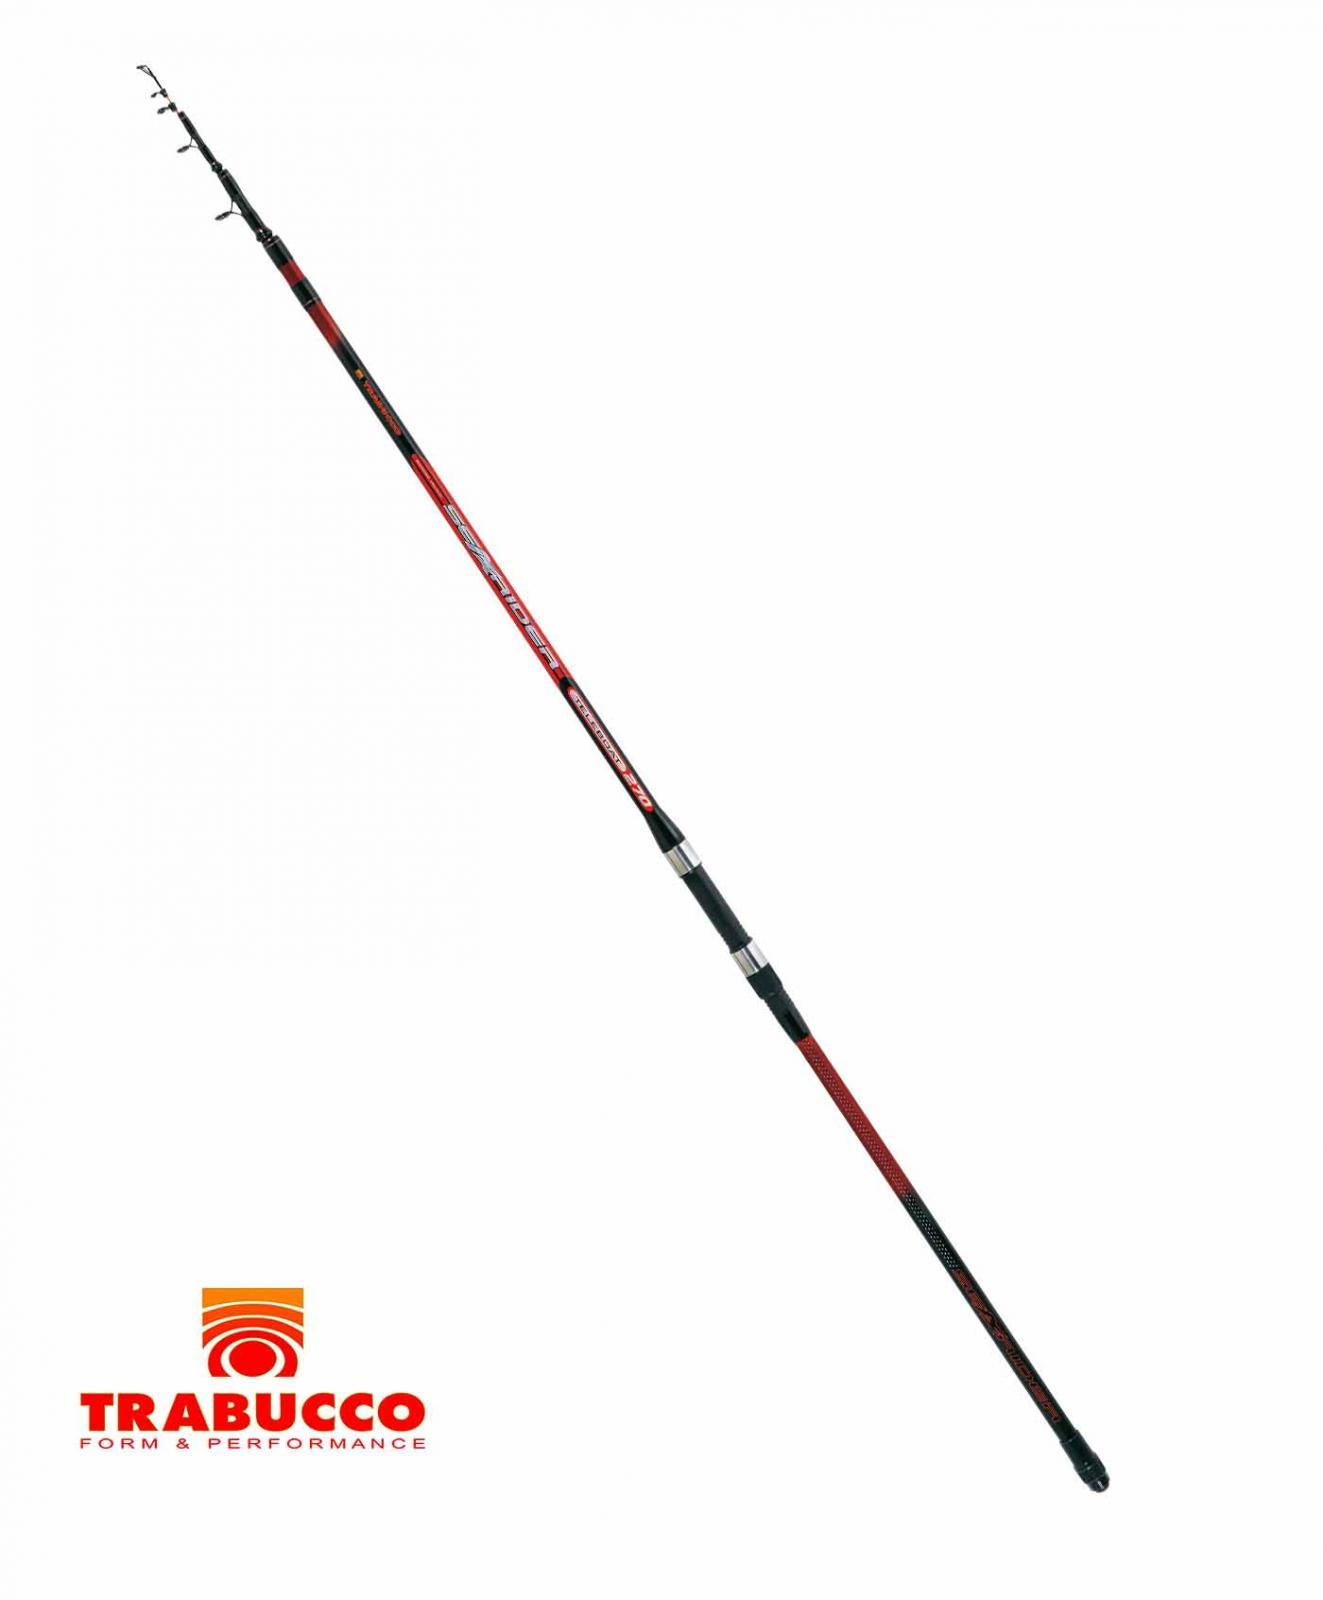 Serie di Canne Trabucco Trabucco Trabucco Searider Teleboat Pesca Bolentino Carbonio SHMR PP 825f25